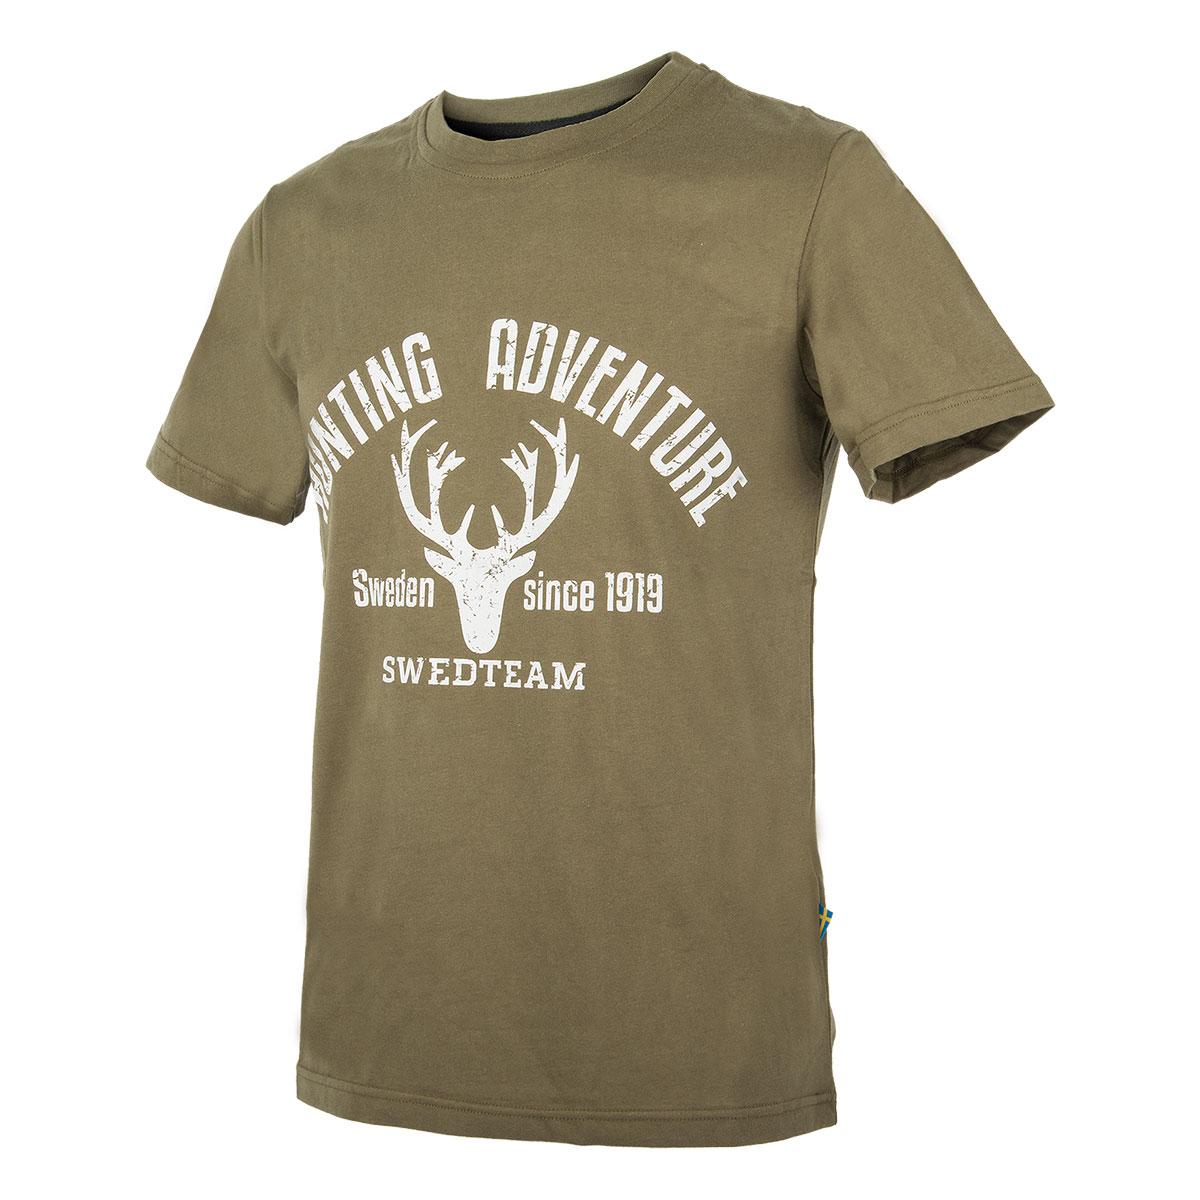 SWEDTEAM T-Shirt Hans Grün - jetzt online kaufen auf Pareyshop.de 0b5c534734